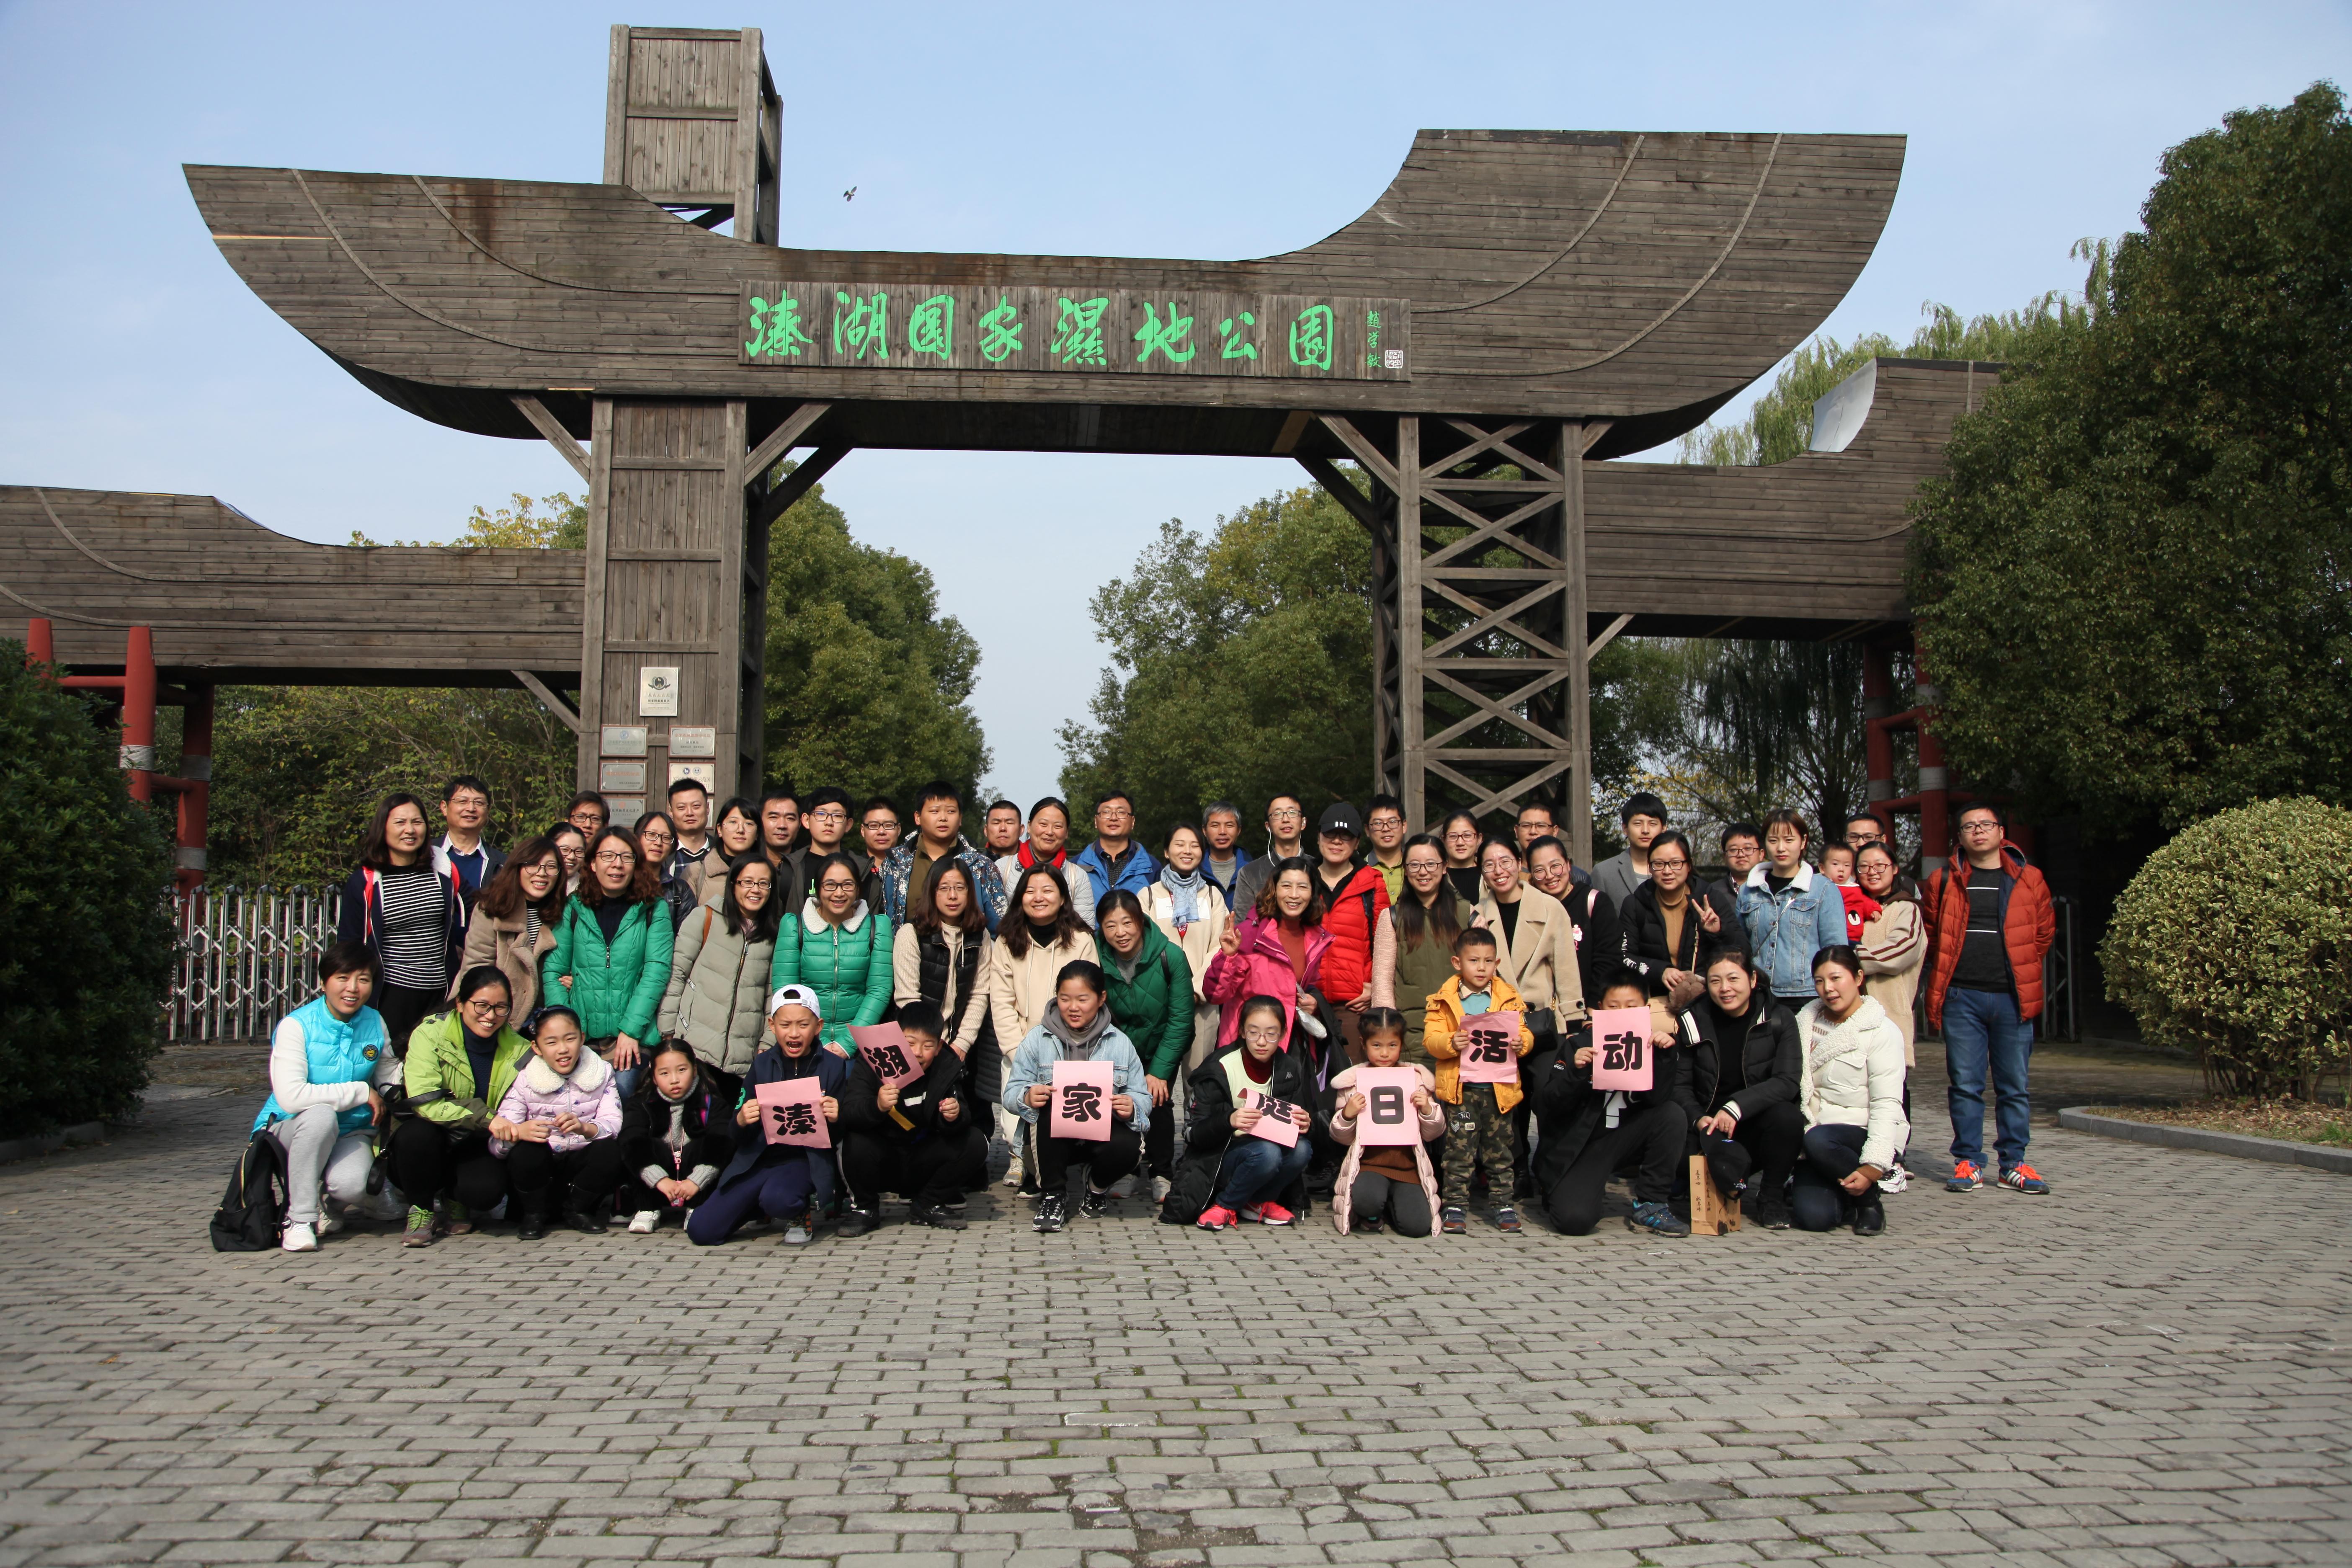 溱湖湿地公园一日游—扬州丰源博能家庭日